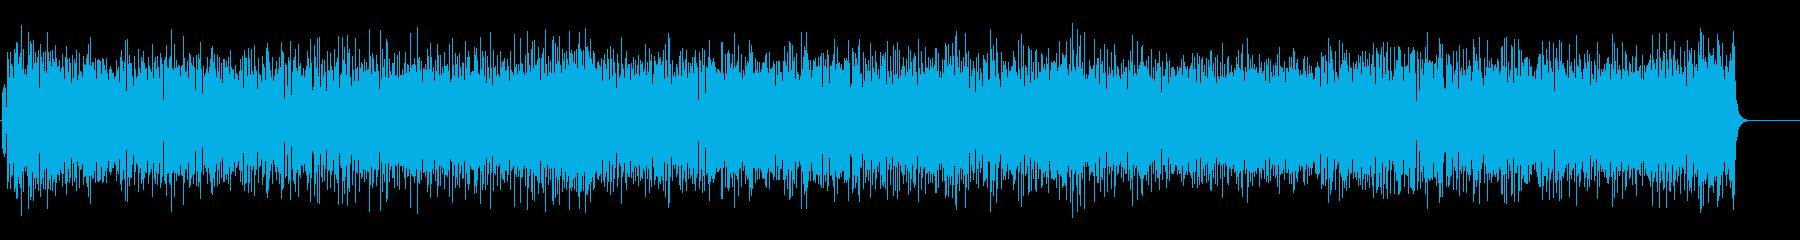 しなやかに弾むストレート・フュージョンの再生済みの波形